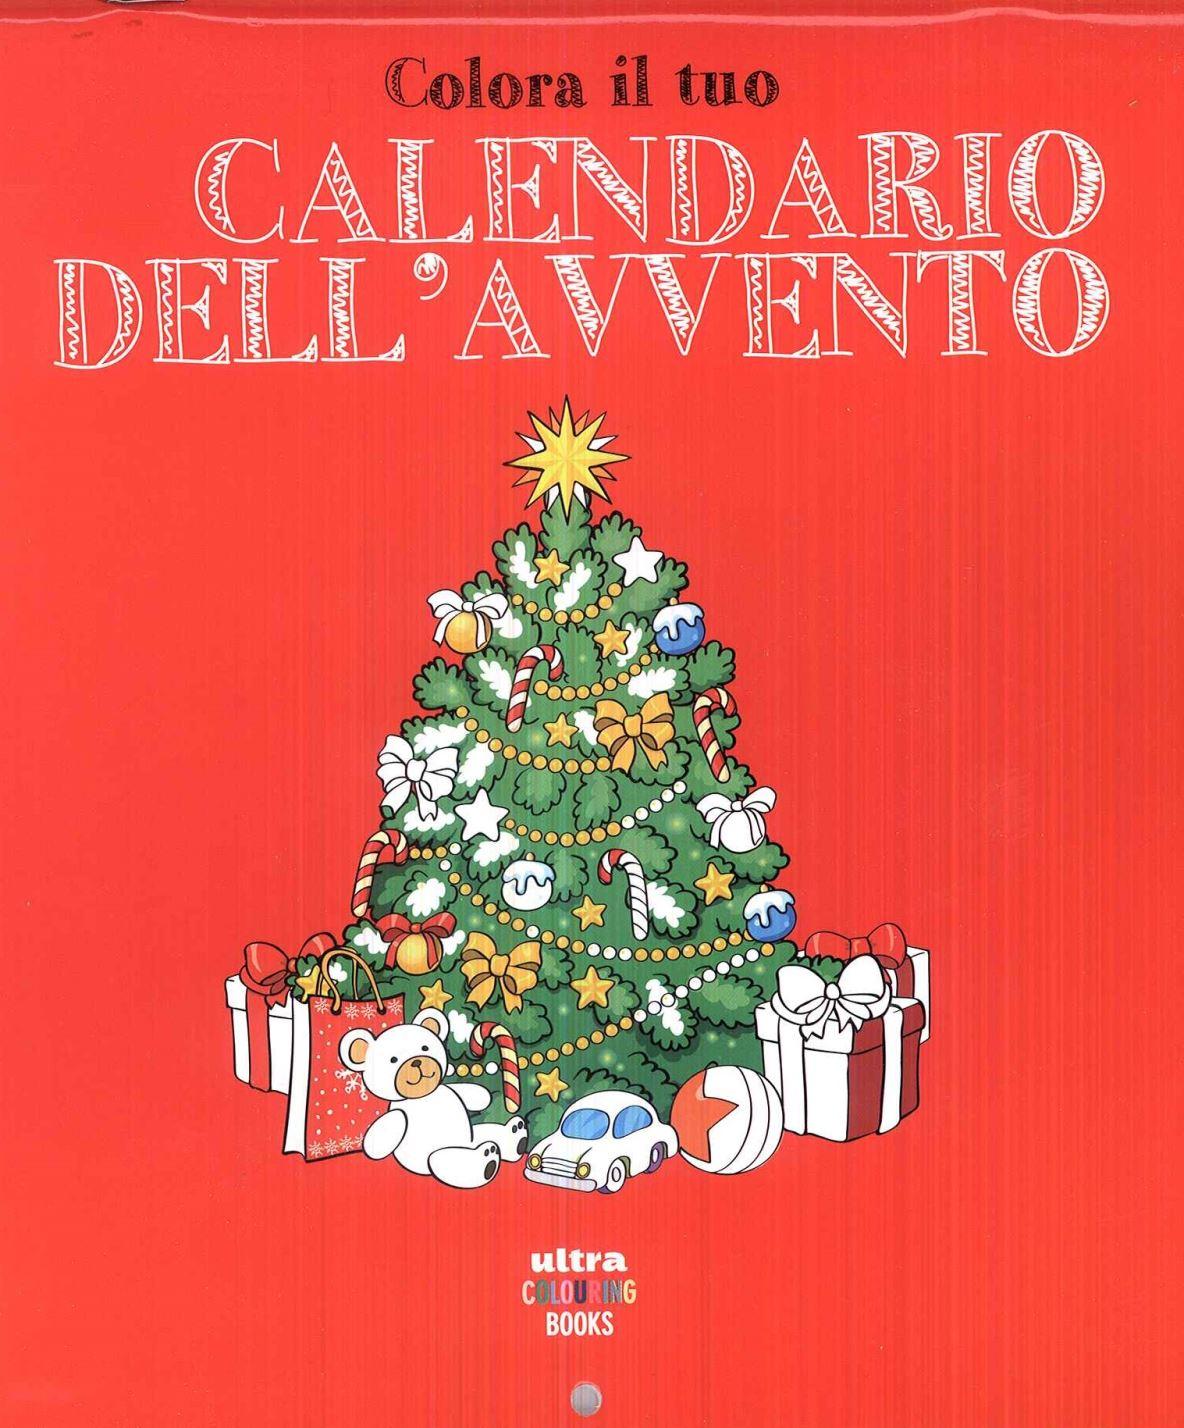 Il Calendario Dellavvento.Calendario Dell Avvento Aa Vv Ultra 9788867764976 Tabook